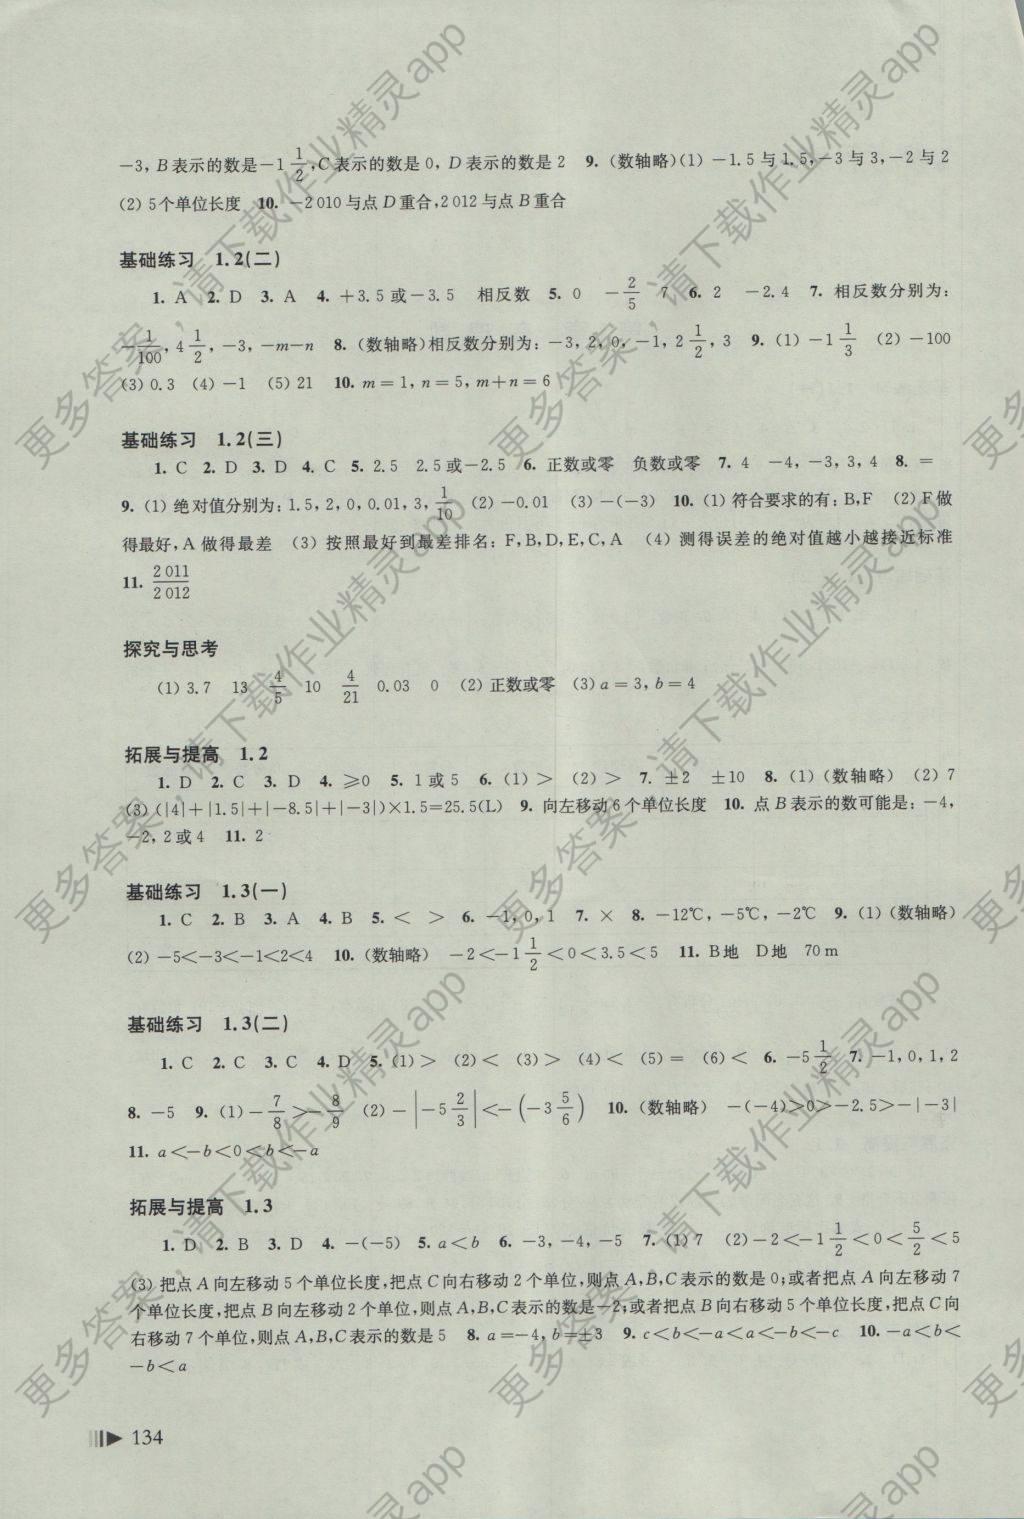 2016年年级初中v年级练习七初中数学沪科版答上册完形填空图片